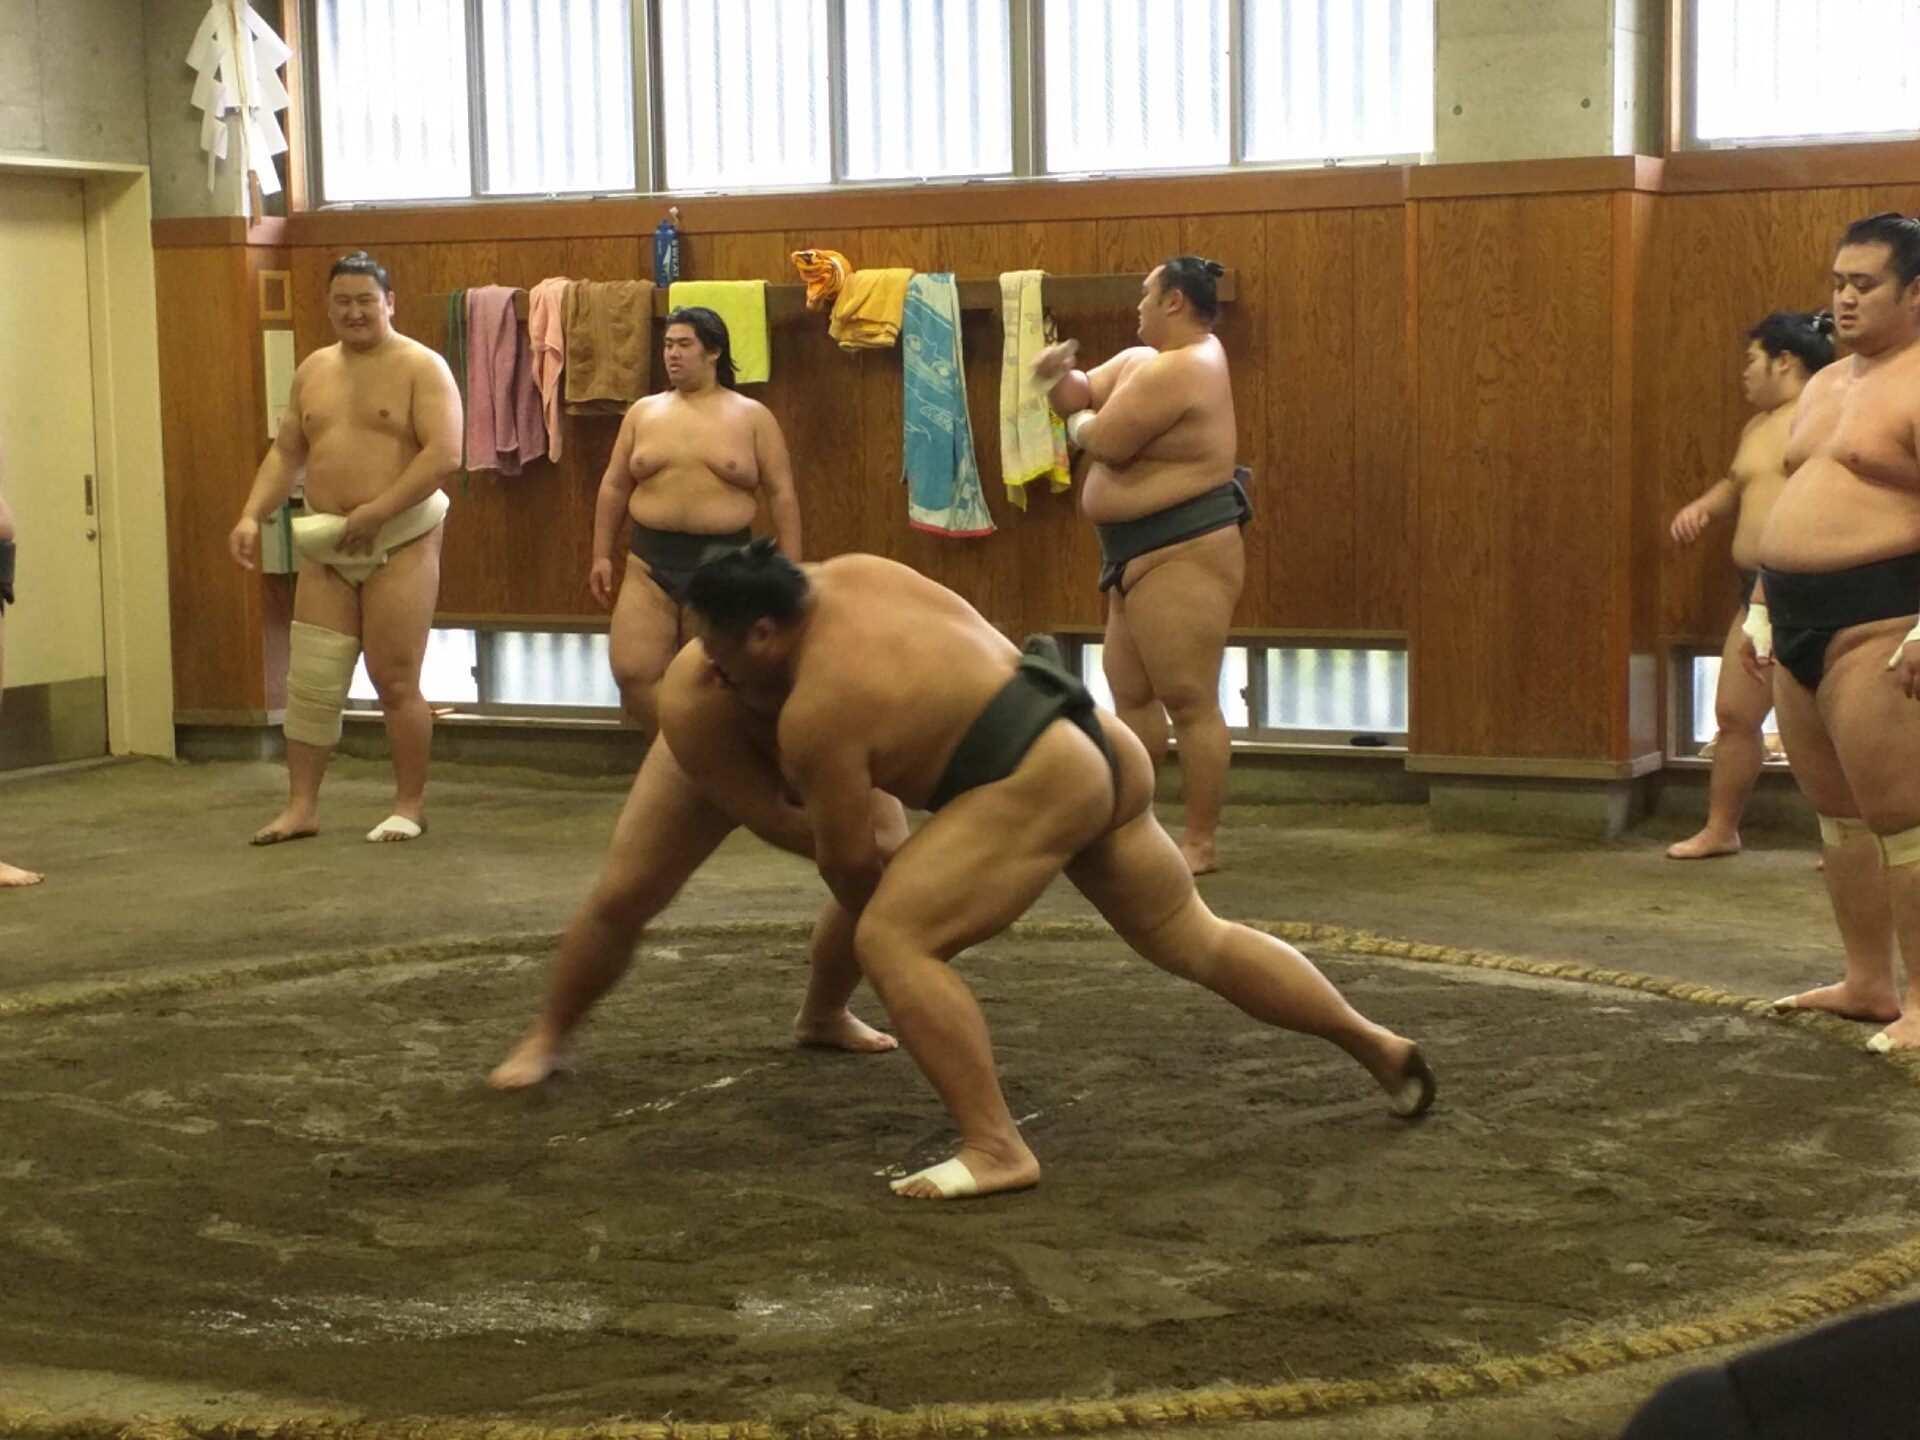 【東京文化體驗】觀賞相撲選手的晨間練習